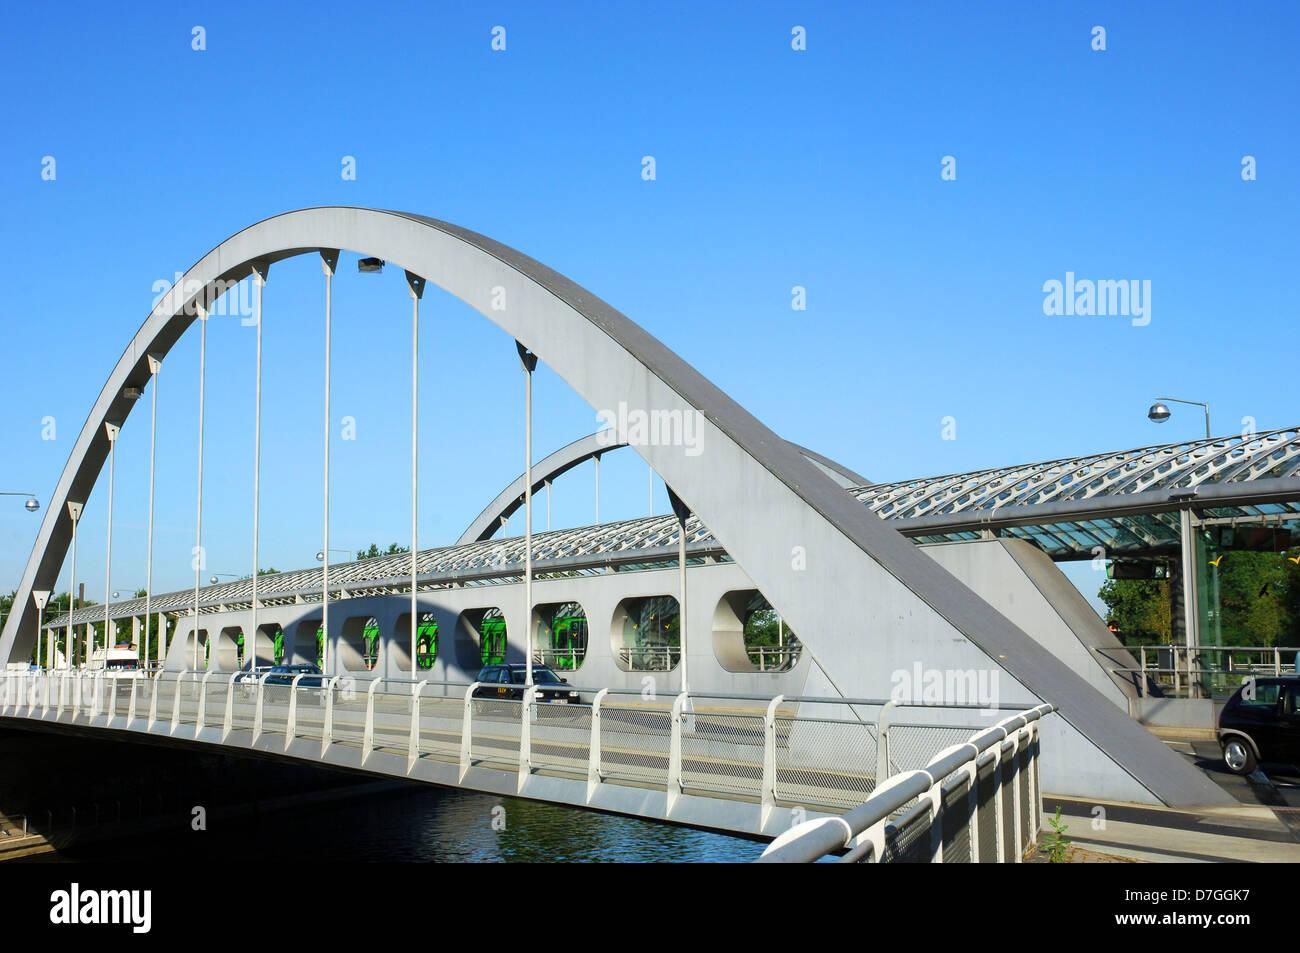 Deutschland, Niedersachsen, Hannover, Noltemeyerbruecke, Noltemeyerbrücke Stockbild